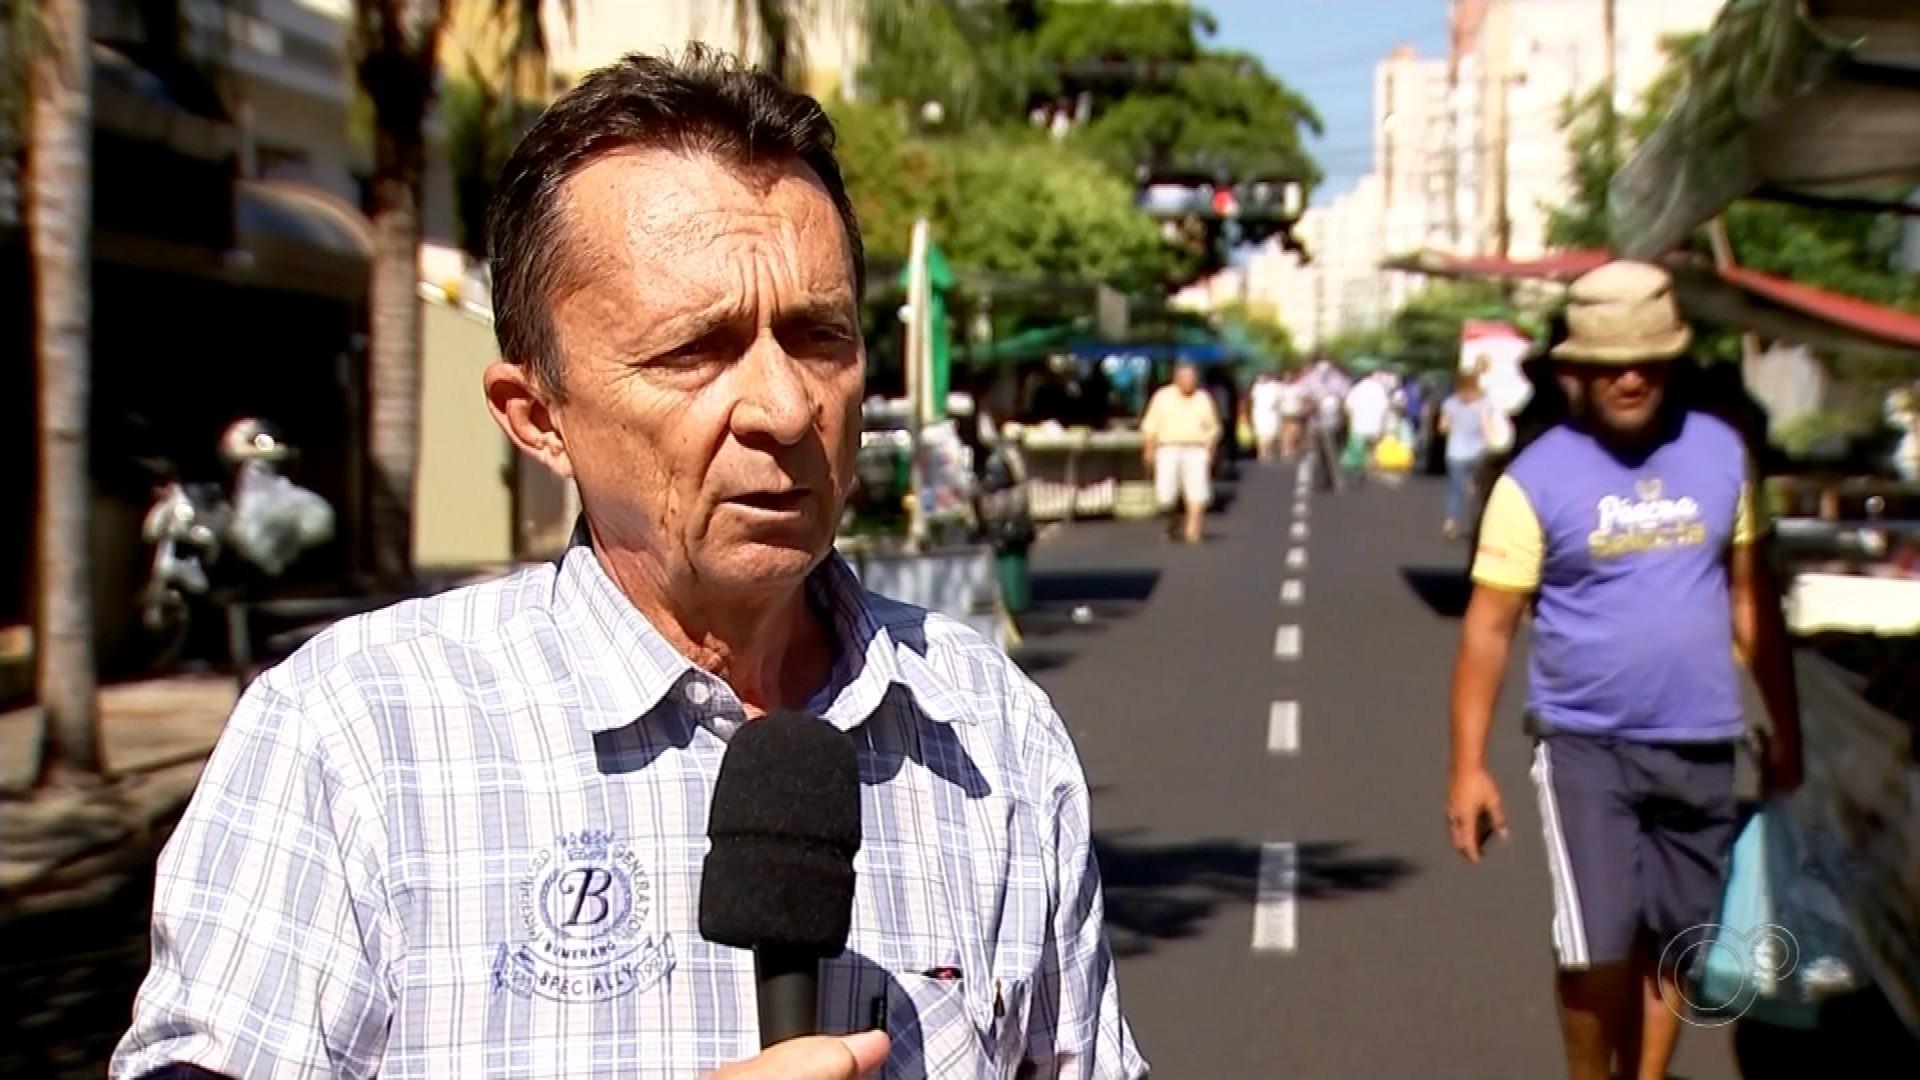 VÍDEOS: TEM Notícias 1ª edição de Rio Preto e Araçatuba deste sábado, 11 de abril